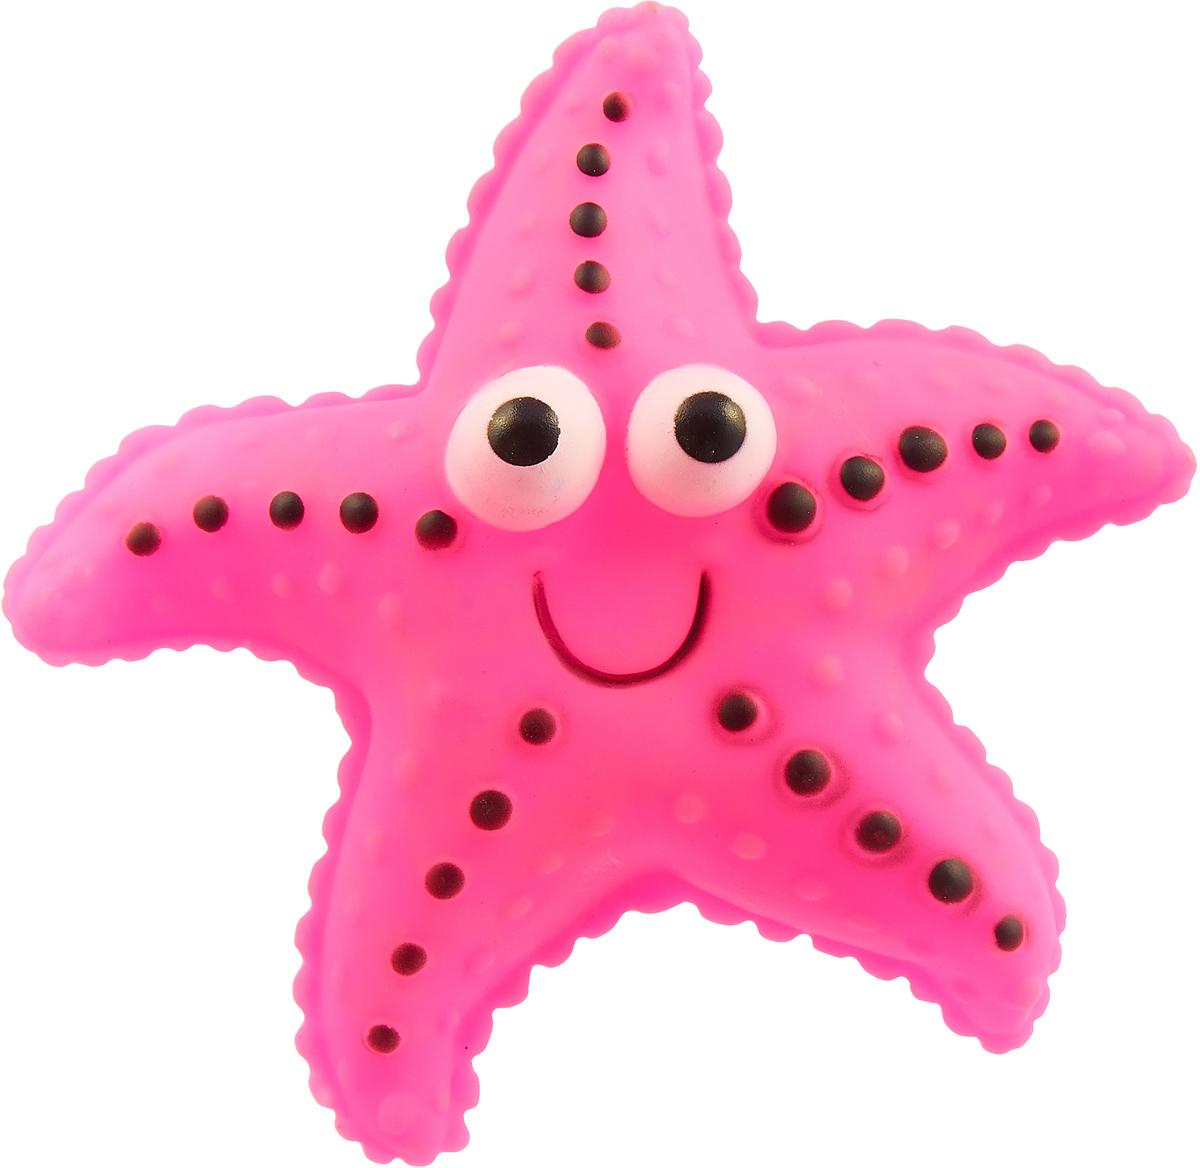 Игрушка для собак Уют Морская звезда, цвет: розовый, 13 смИШ56_розовыйИгрушка для собак Уют Морская звезда, цвет: розовый, 13 см